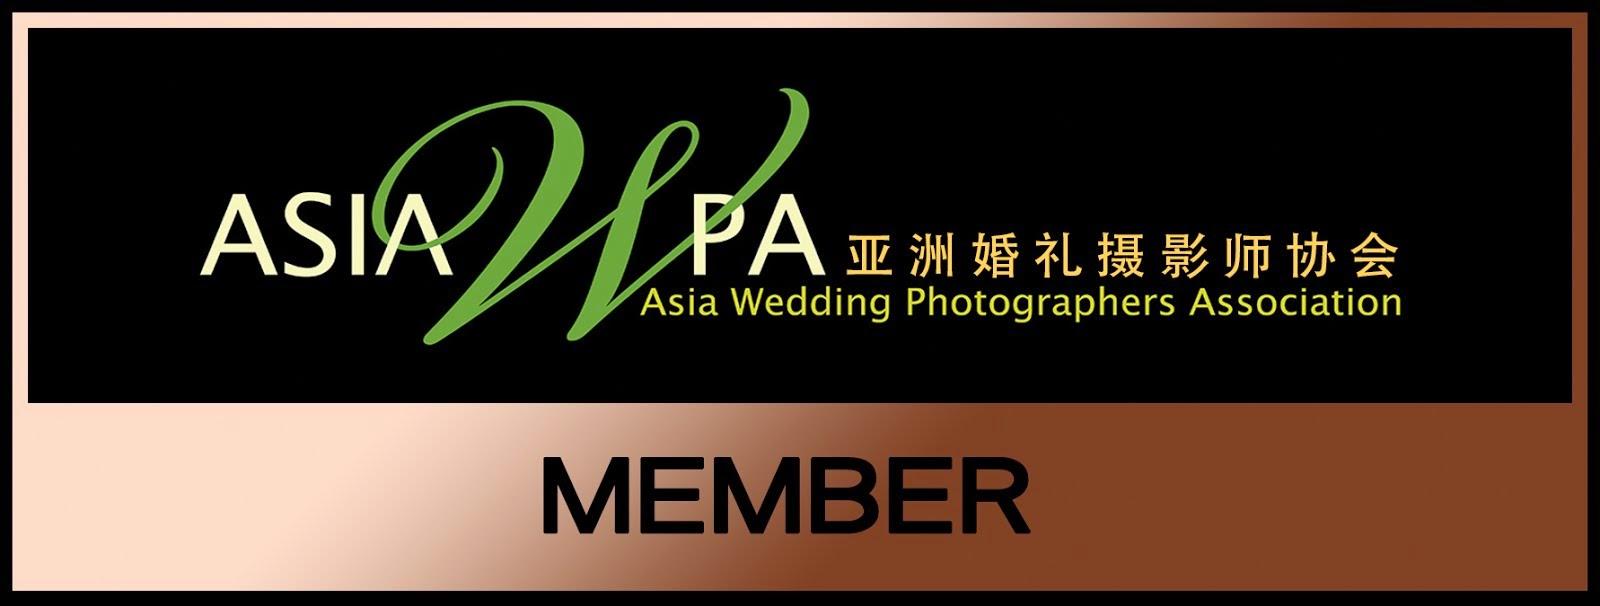 AsiaWPA/亞洲婚禮攝影師協會